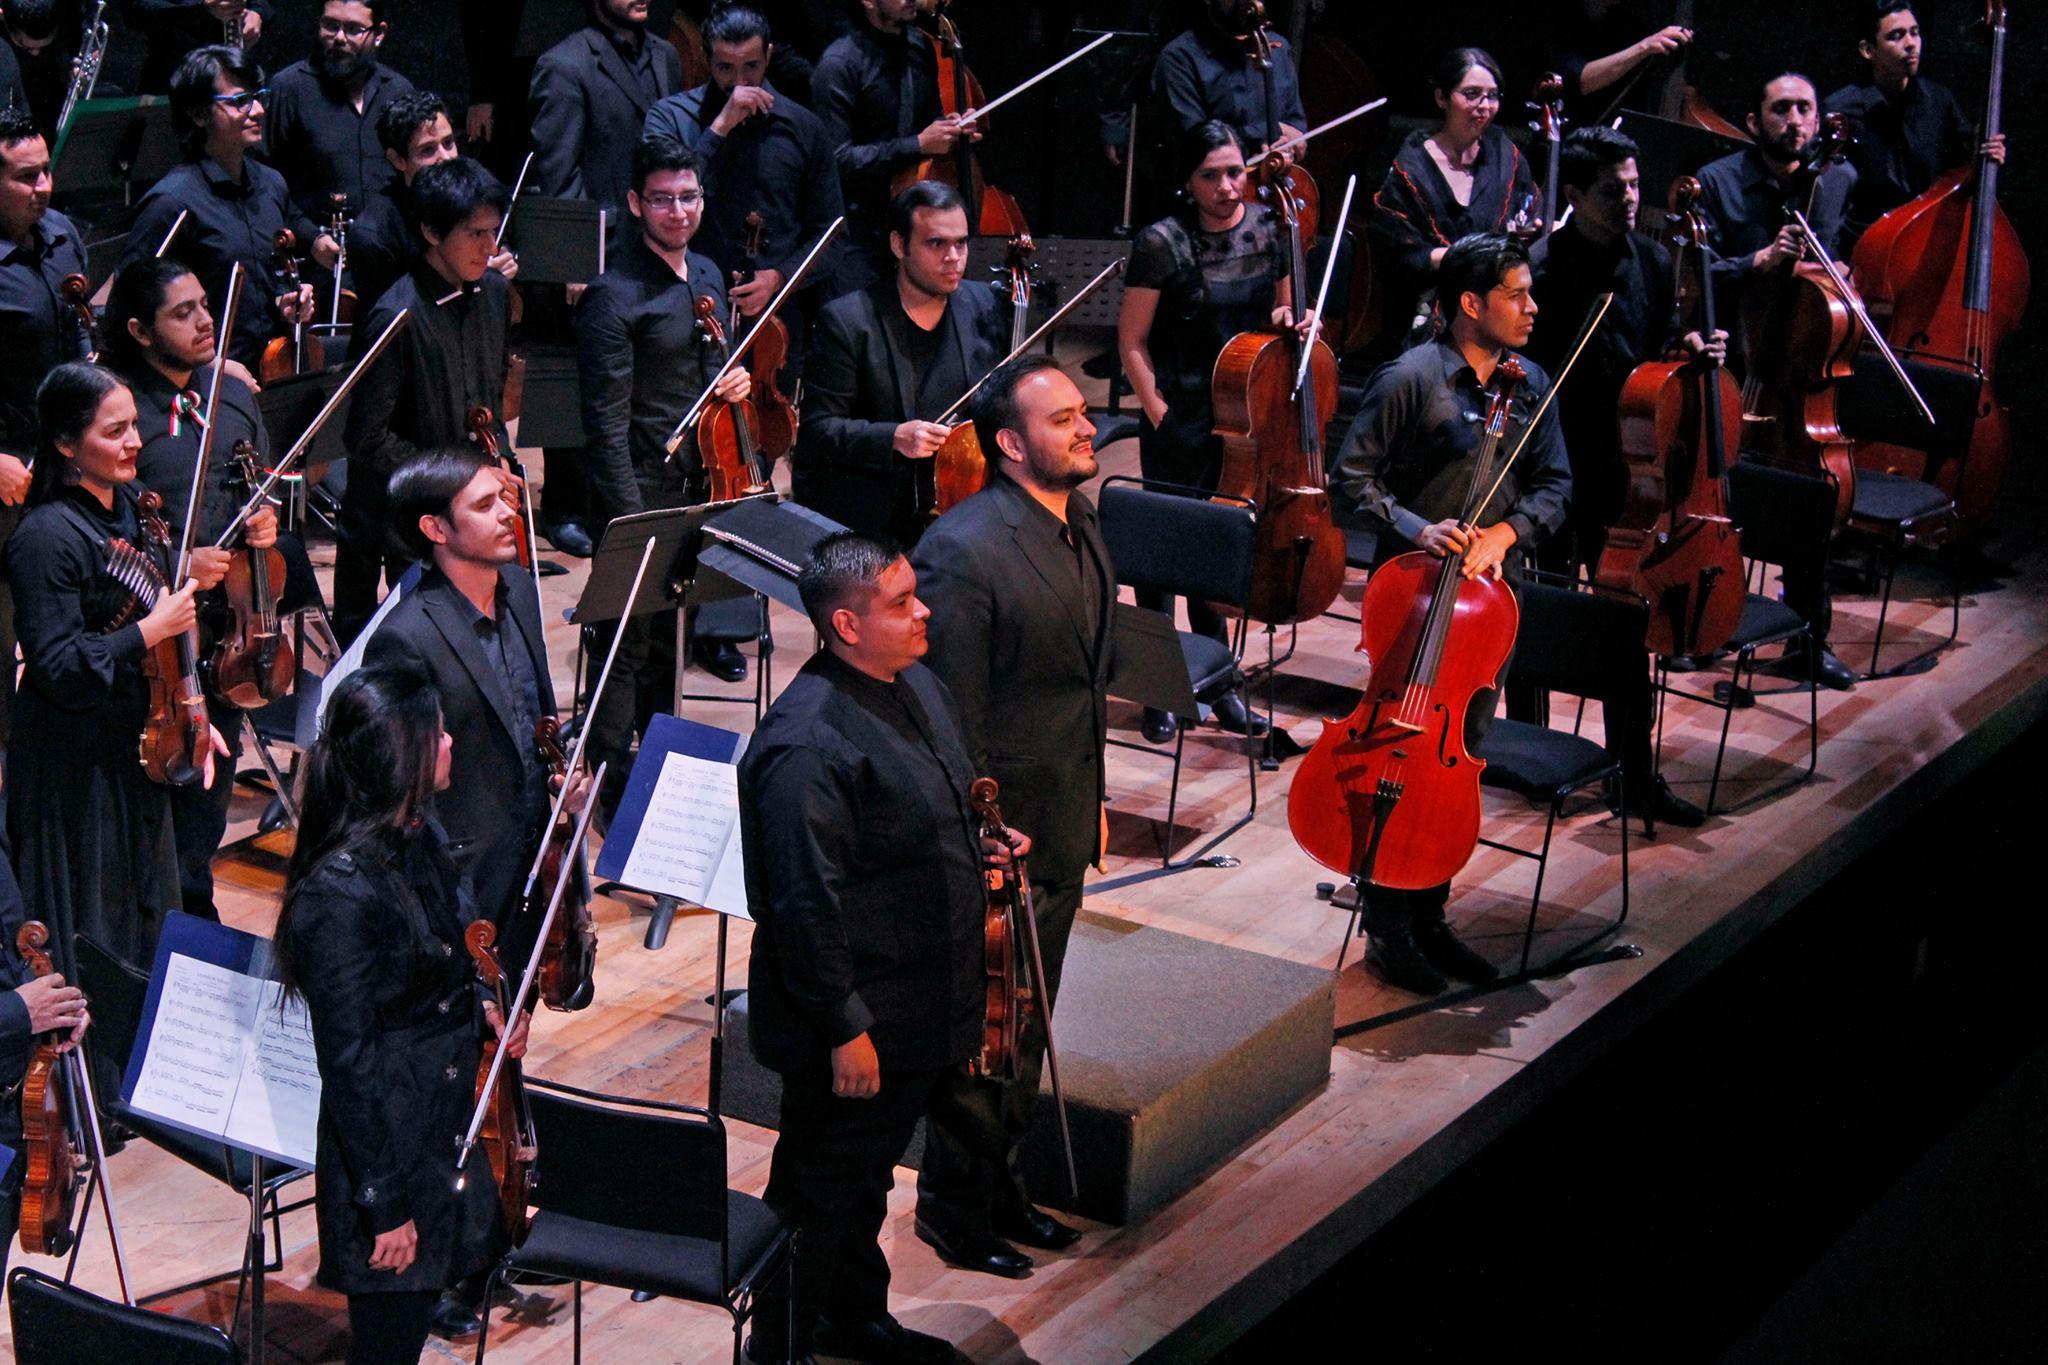 La Orquesta Sinfónica Juvenil de Zapopan vuelve al Centro Cultural Constitución con invitados especiales